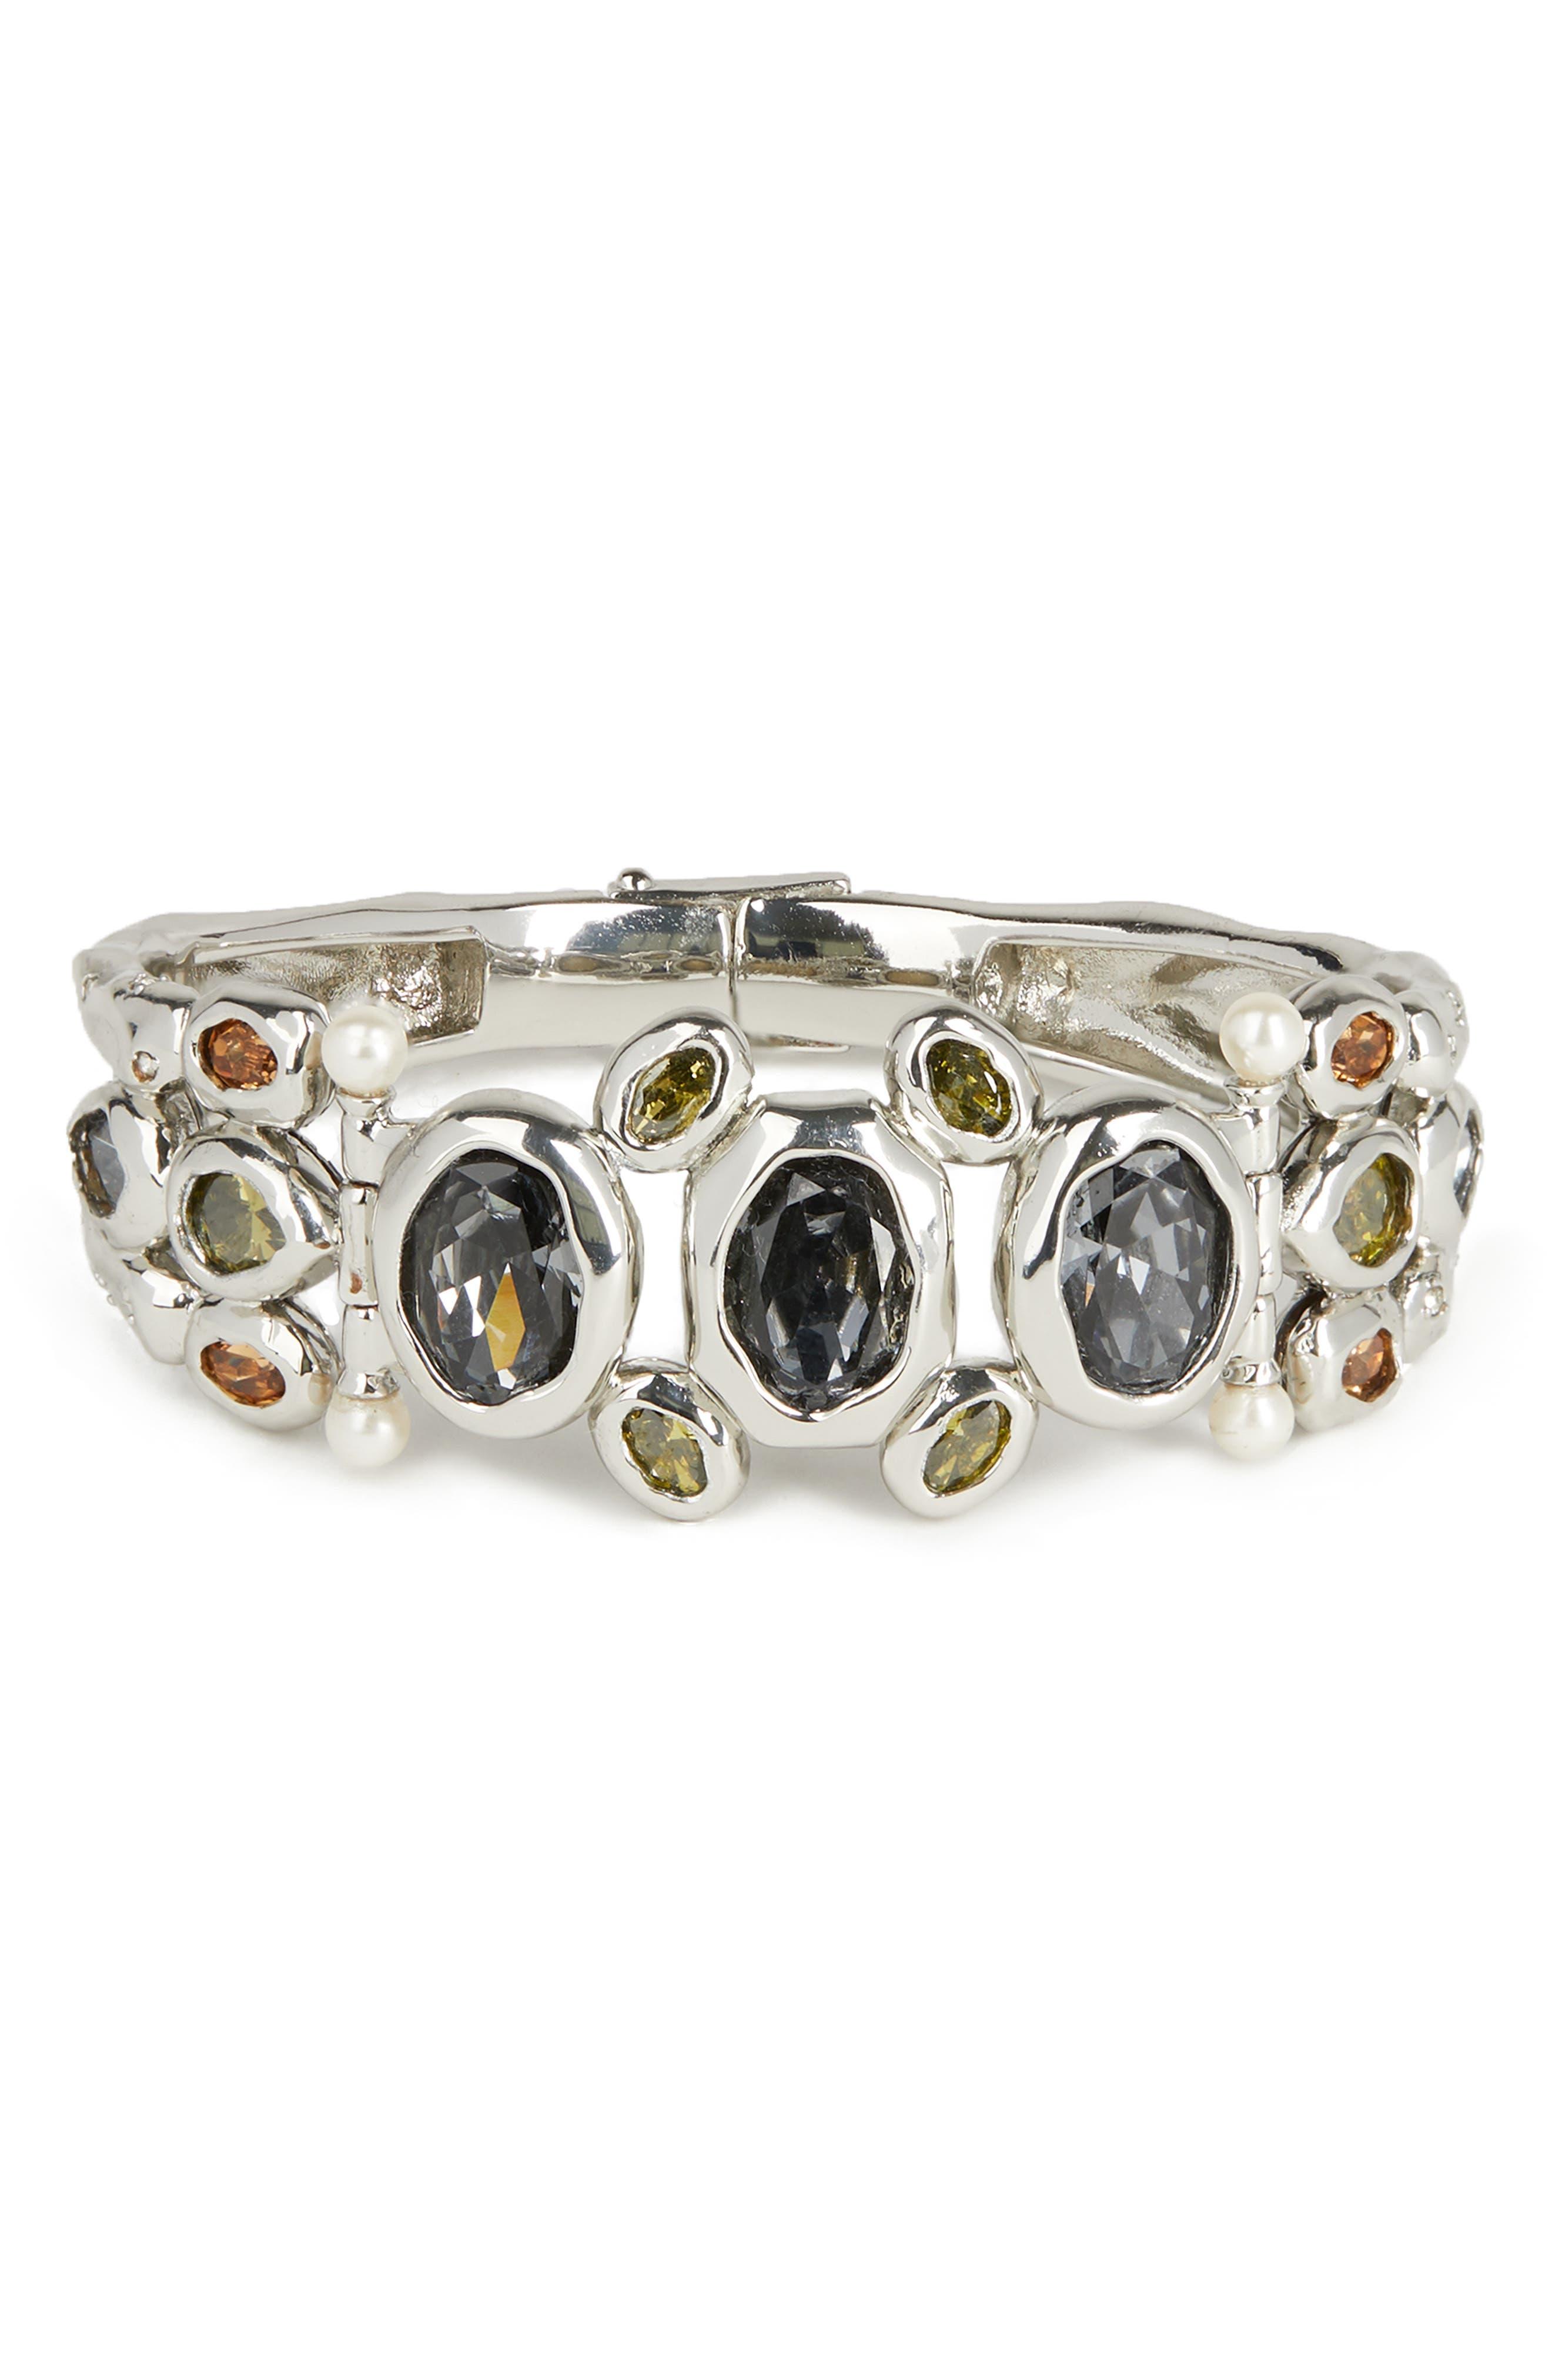 Image of Alexis Bittar Byzantine Stone Cluster Hinge Bracelet